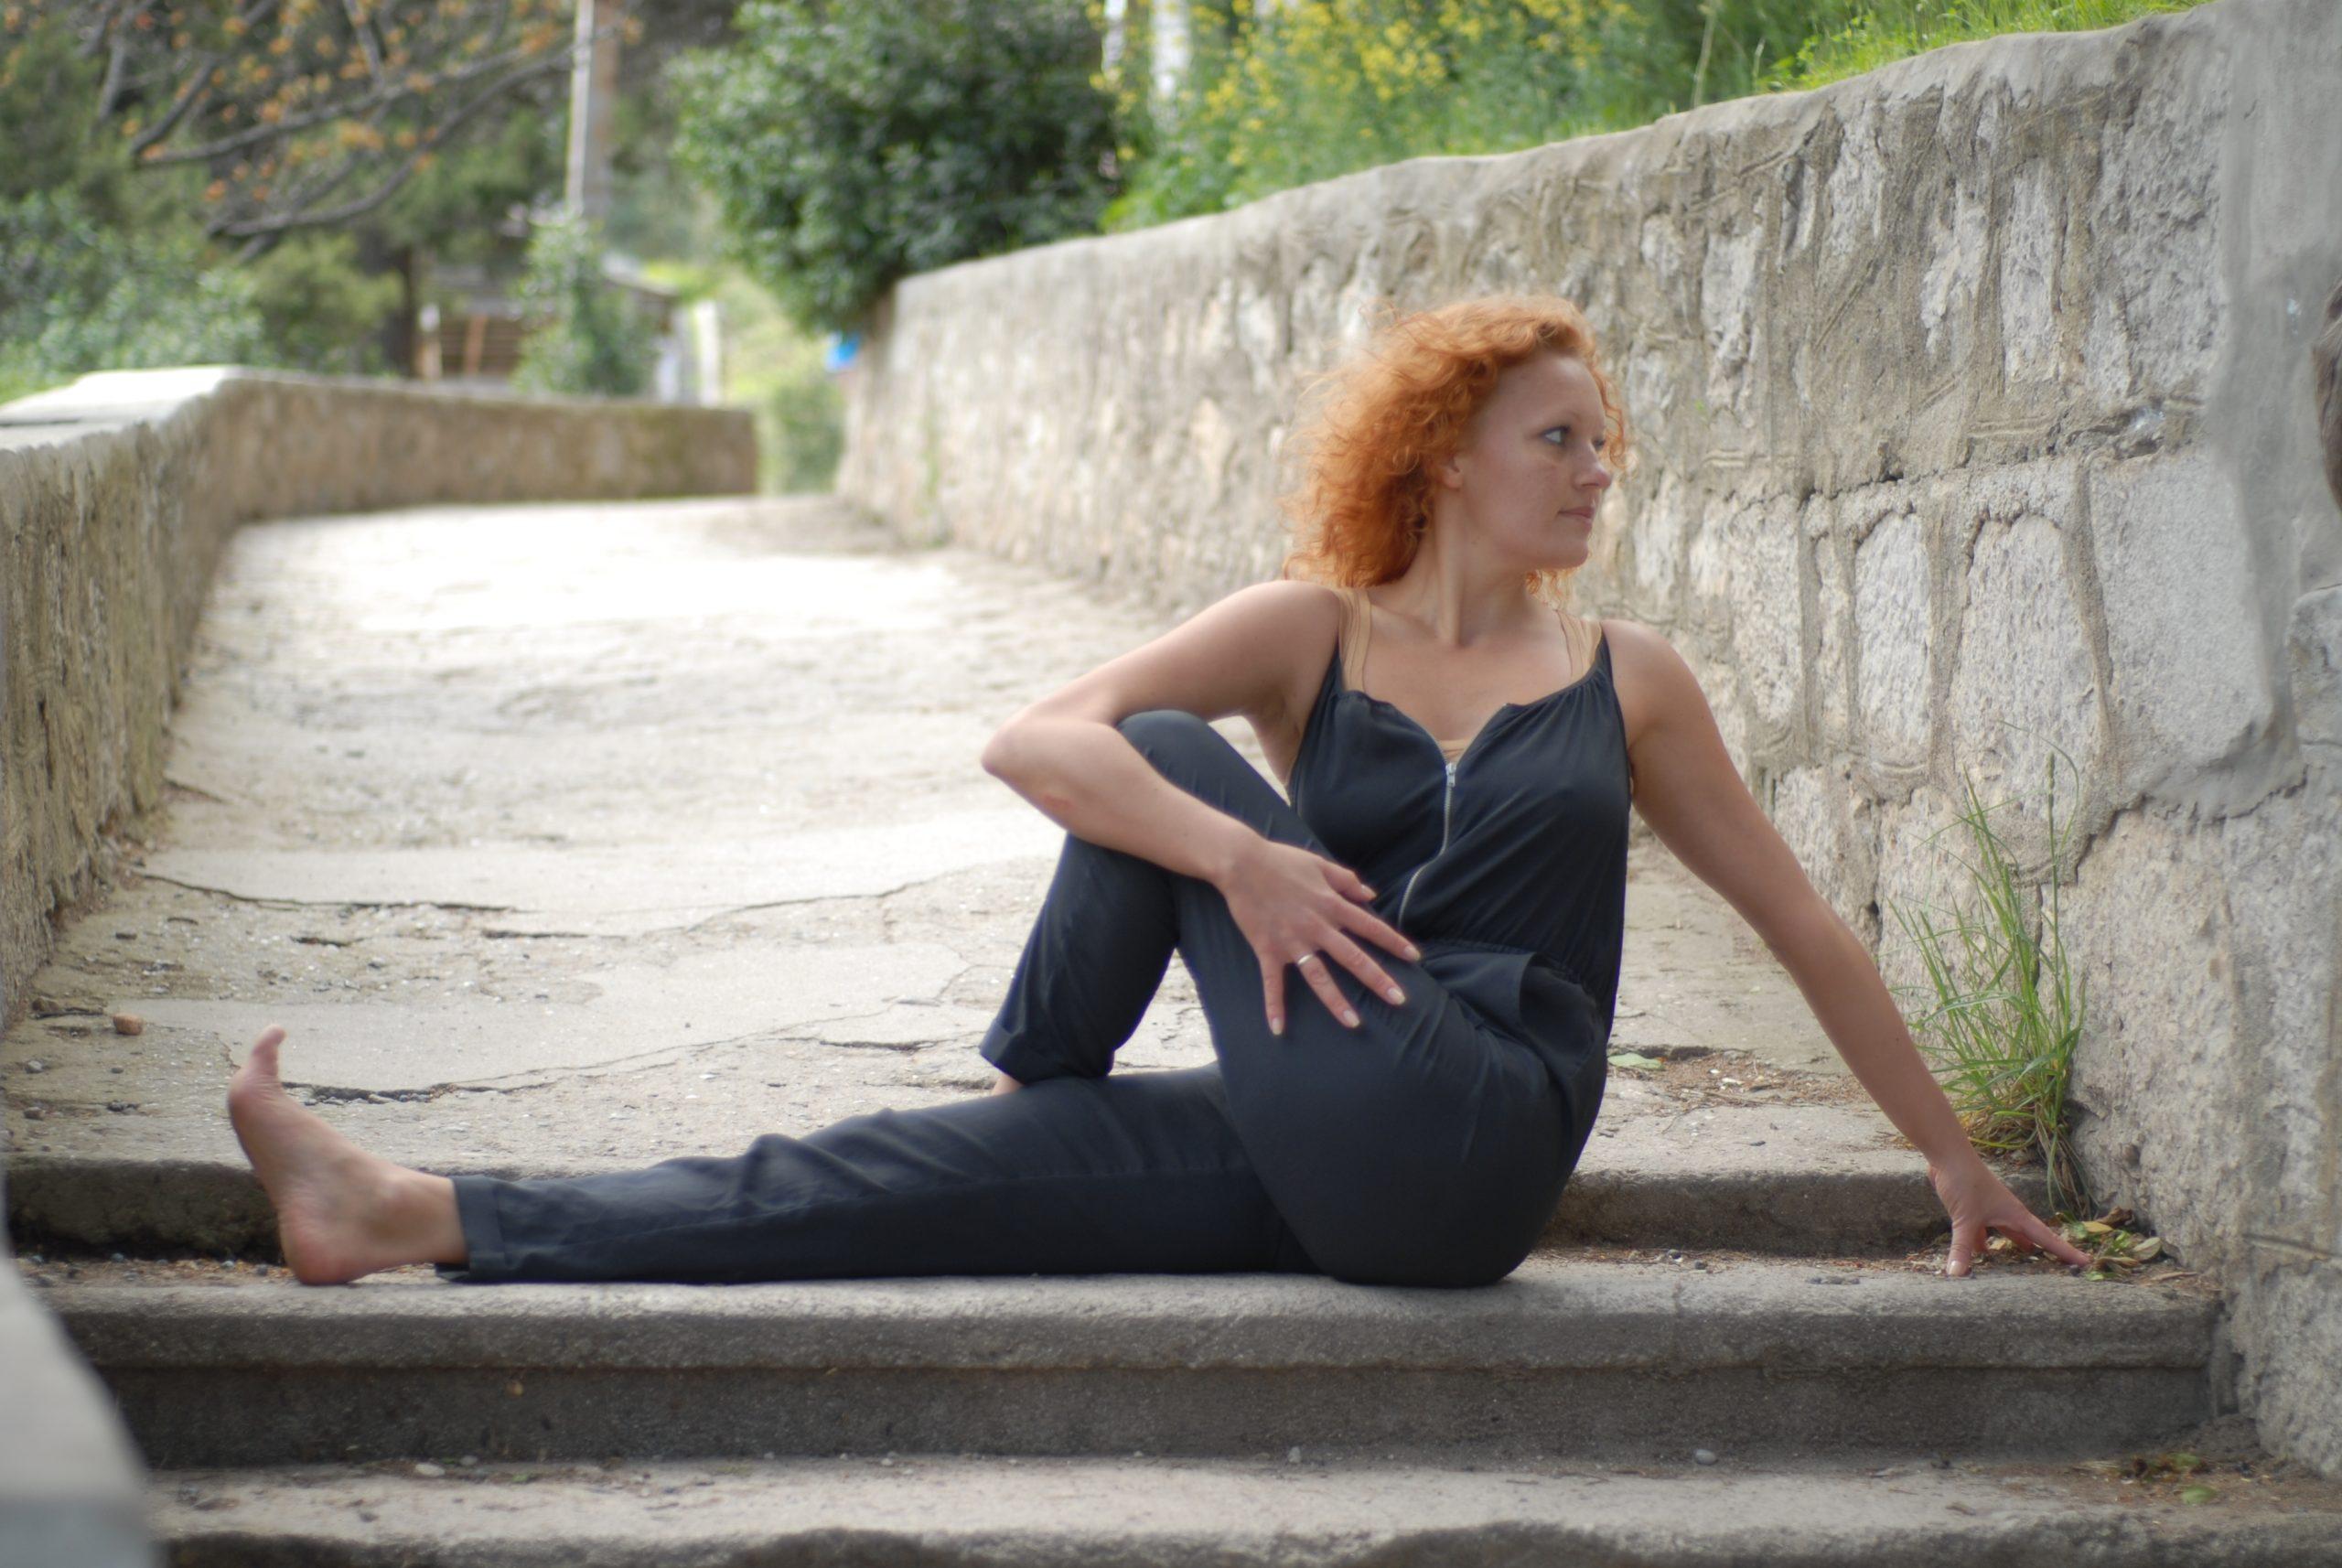 постродовая практика,восстановление фигуры после родов,прогибы,вытяжение спины,скручивания,стимуляция пищеварения,успокоить нервы,укрепить спину, поза Верблюда